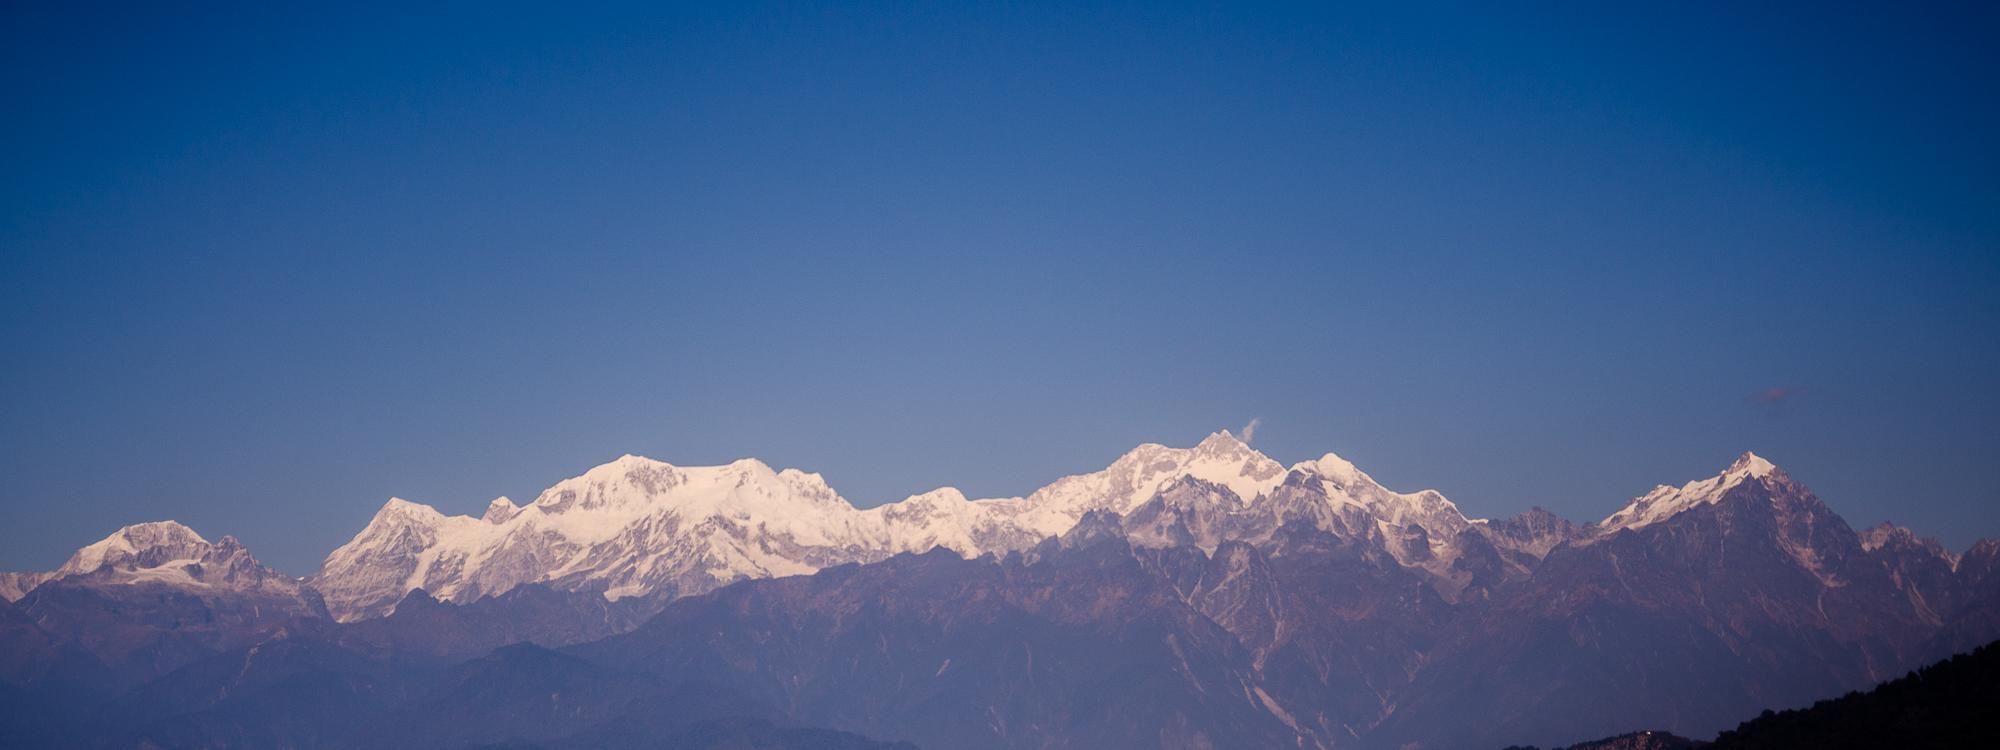 Namchi ropeways, Kanchenjunga